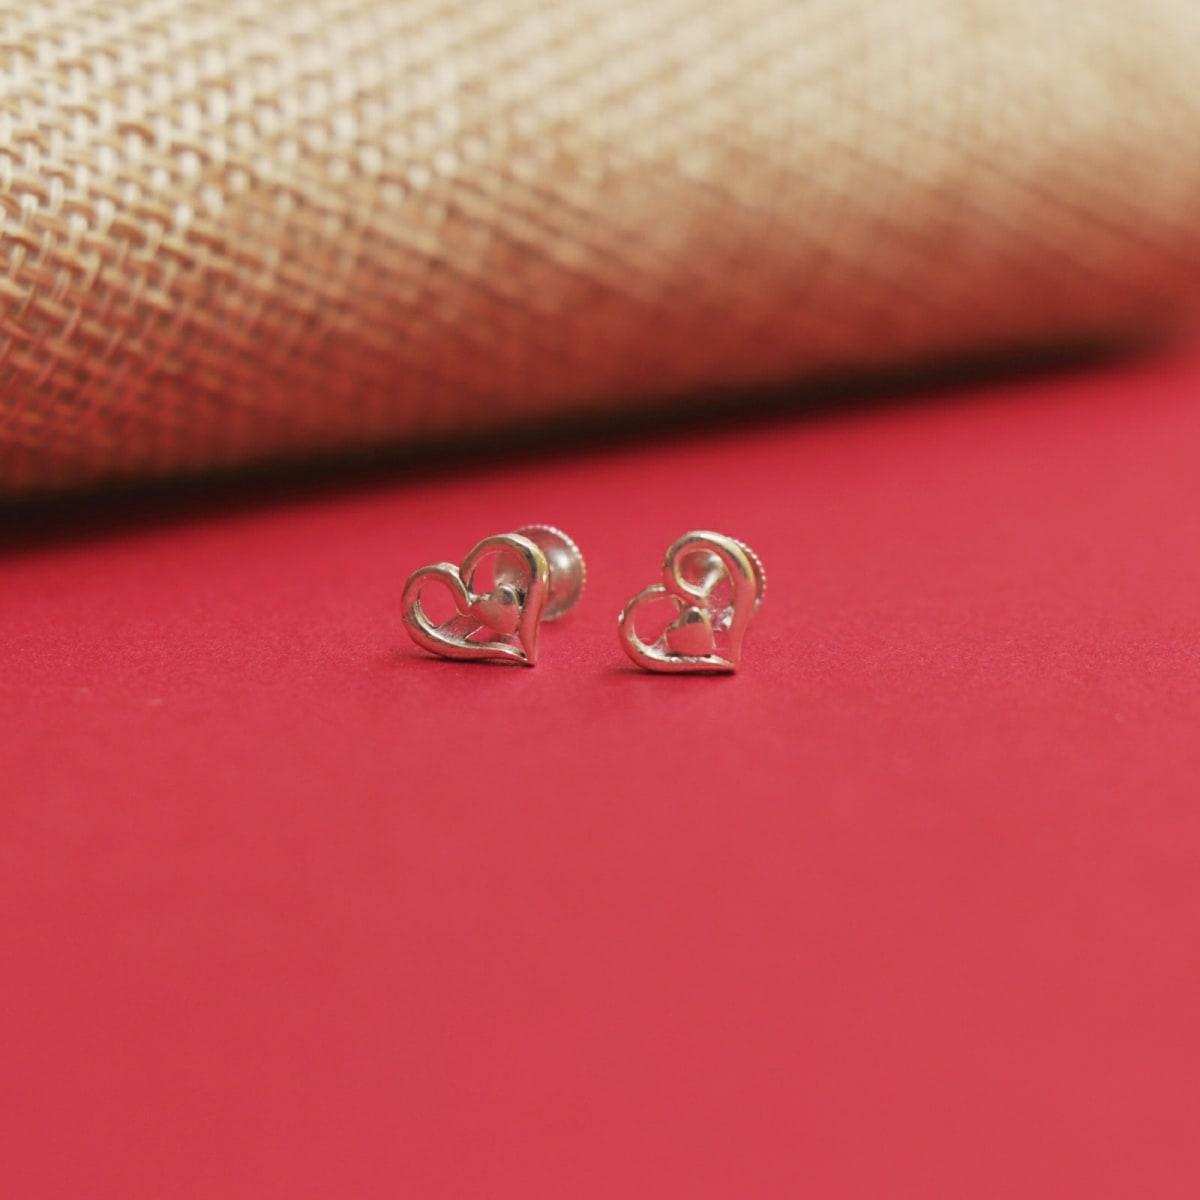 925 Silver Chaaya Studs